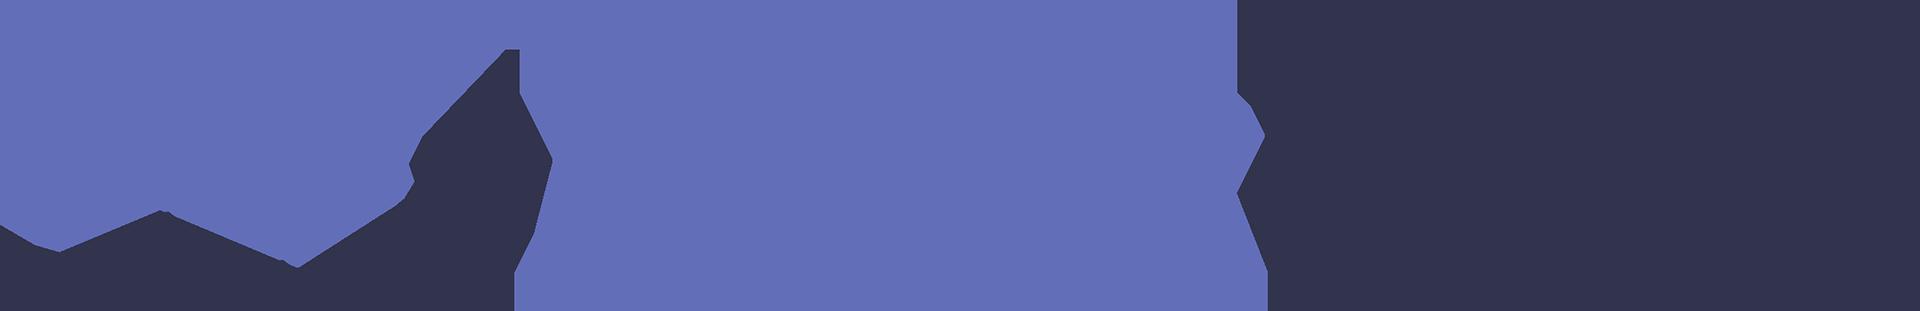 Optimize Content with Rank Math Plugin for WordPress Rank Math Logo